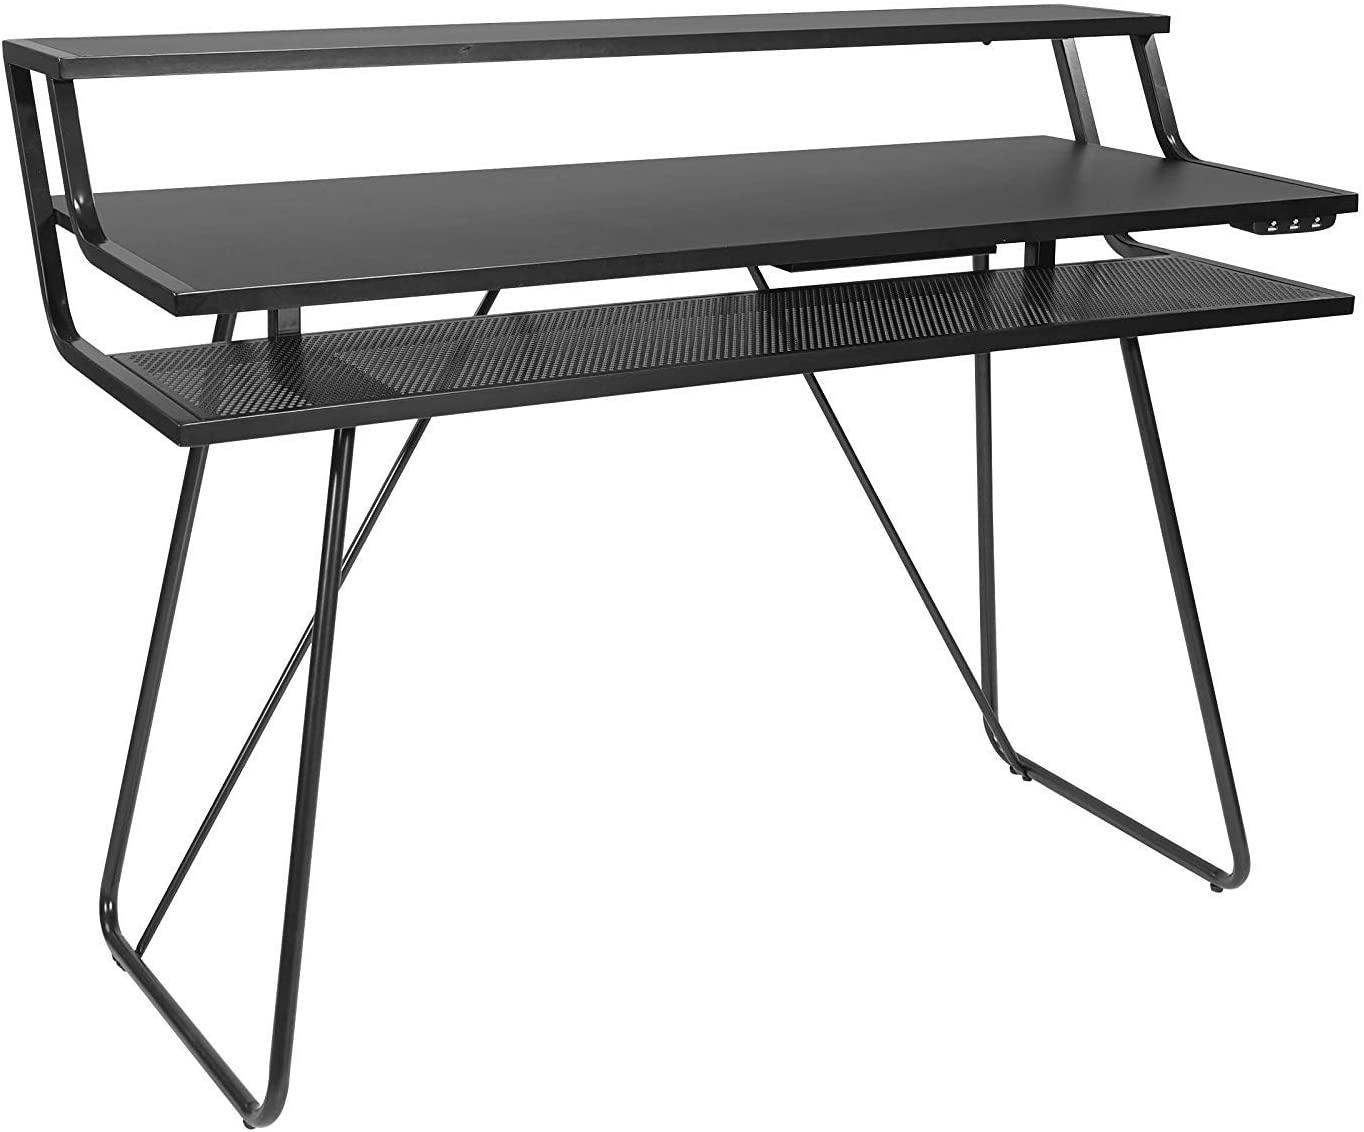 OSP Home Furnishings Glitch Battlestation Gaming Desk, Black